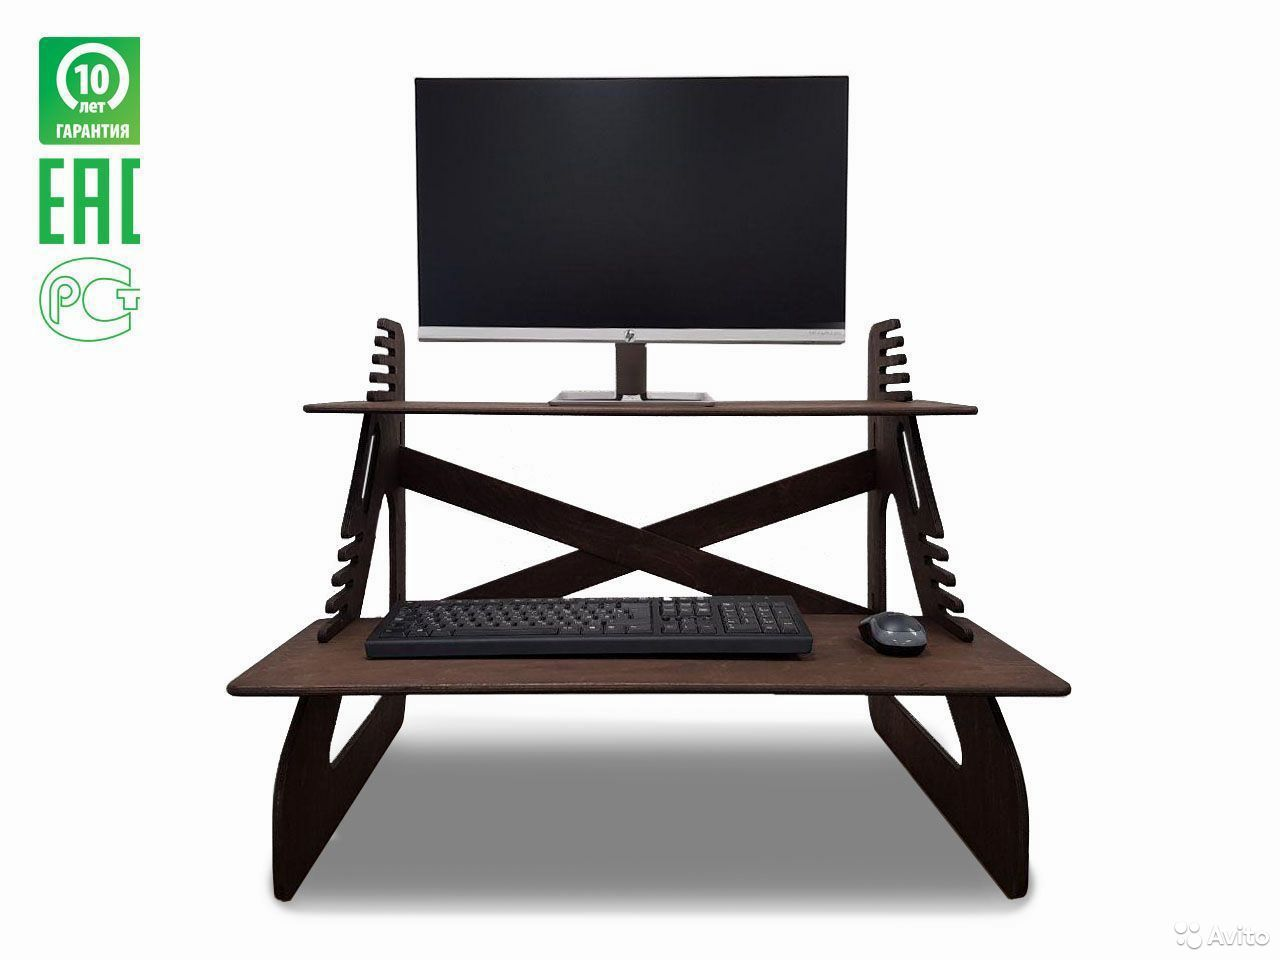 Подставка для ноутбука, монитора  89219018263 купить 2